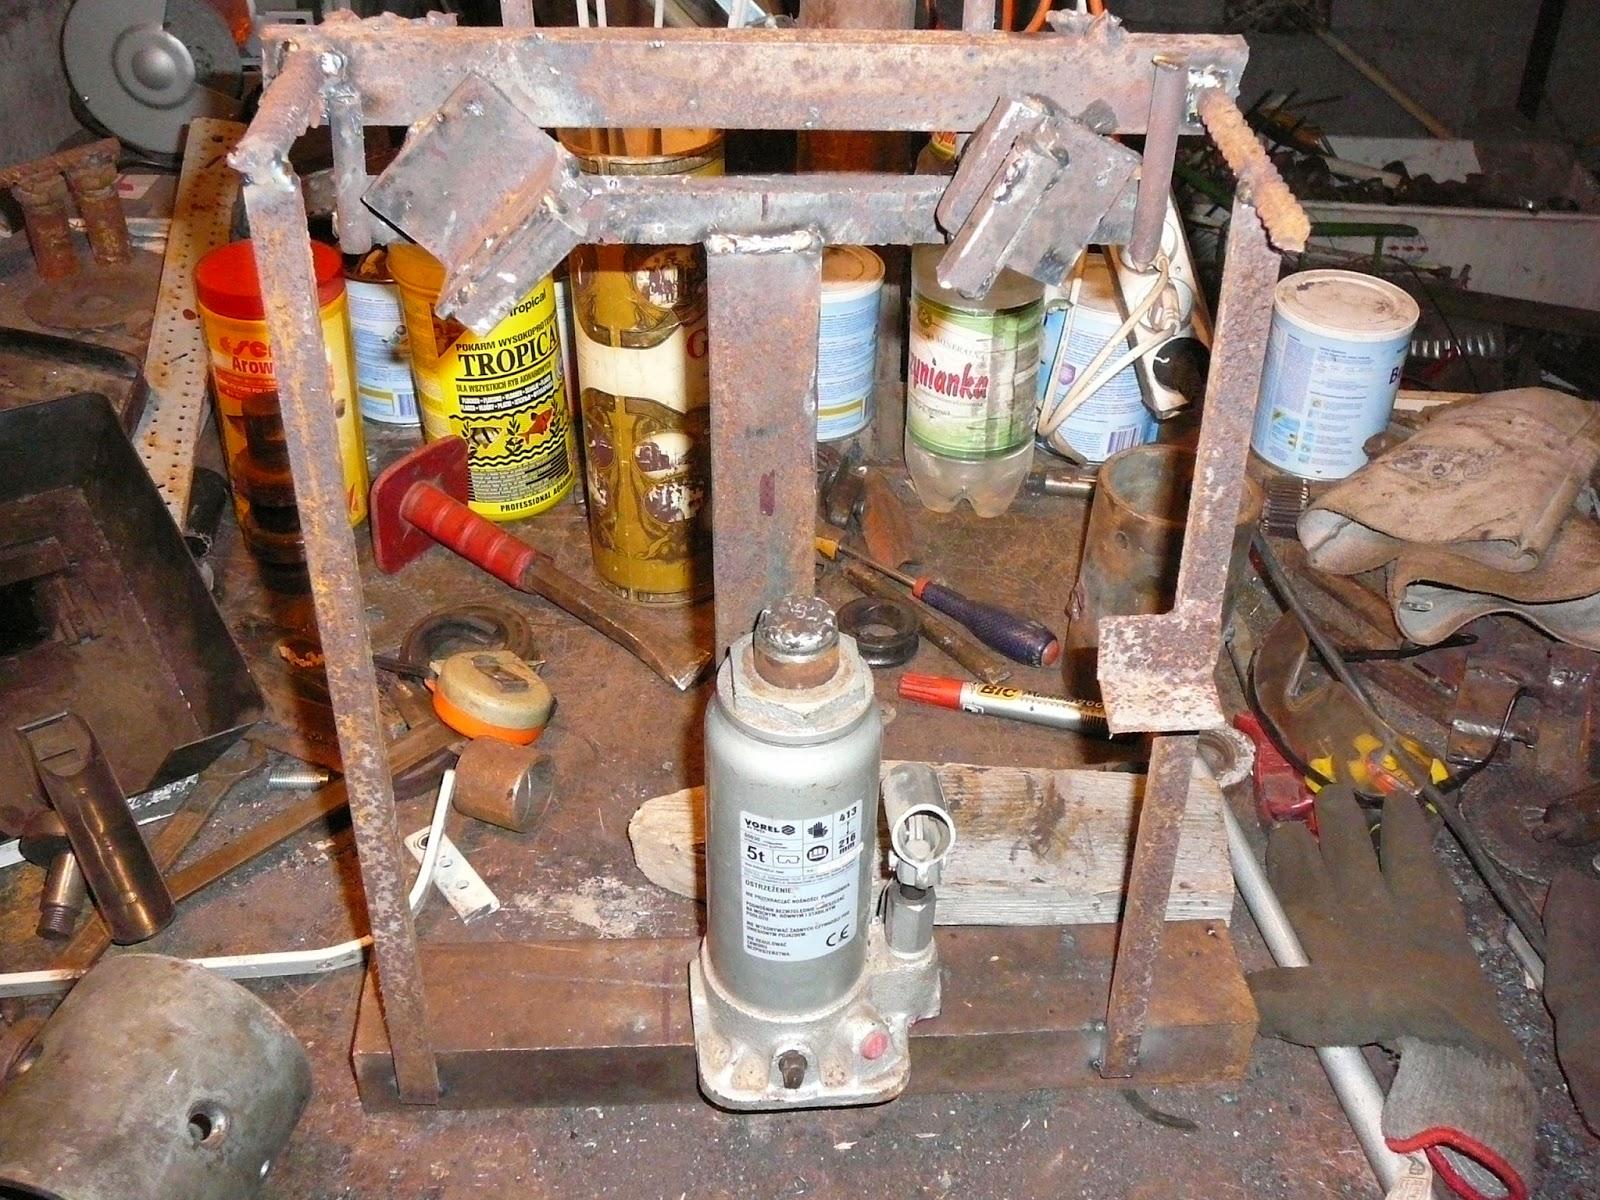 Chłodny The joy of welding, czyli nie ma takiego złomu, co nie przydałby MR35